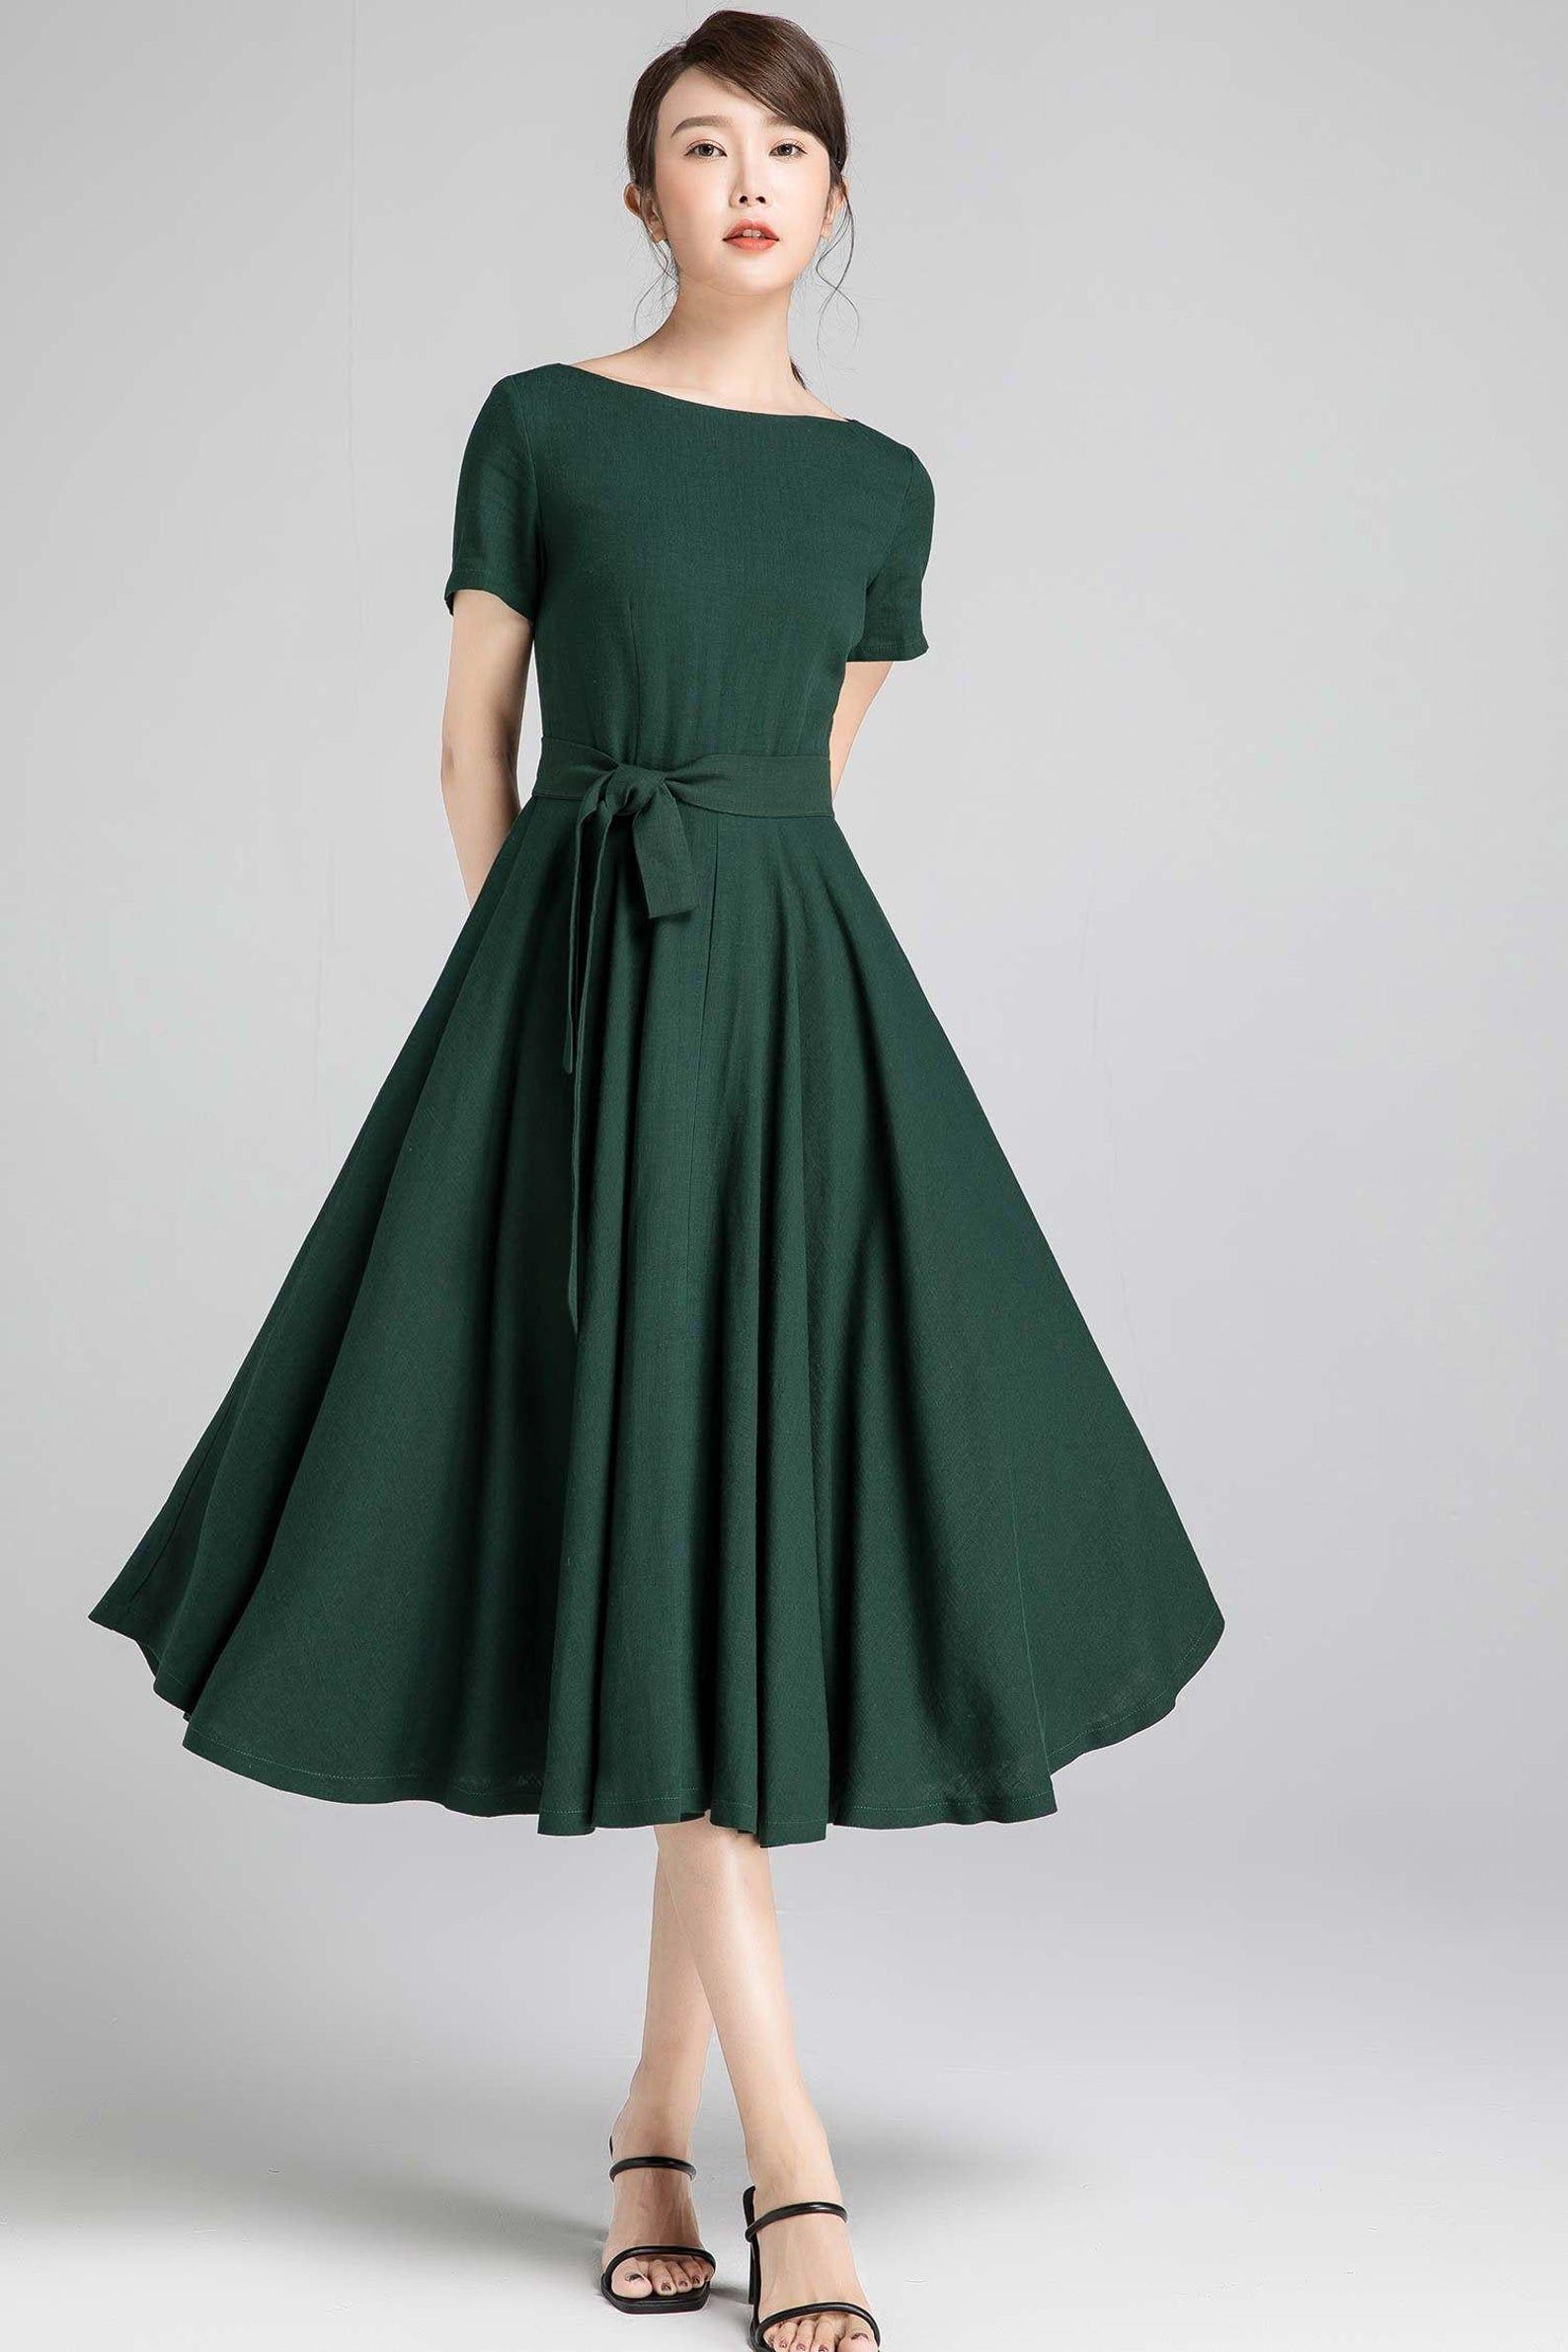 Short Sleeve Linen Dress Green Dress Fit And Flare Dress 1950s Dress Summer Dress Swing Dress Mother Of The Bride Dress 2349 Fit And Flare Dress Green Dress Flare Dress [ 2382 x 1588 Pixel ]